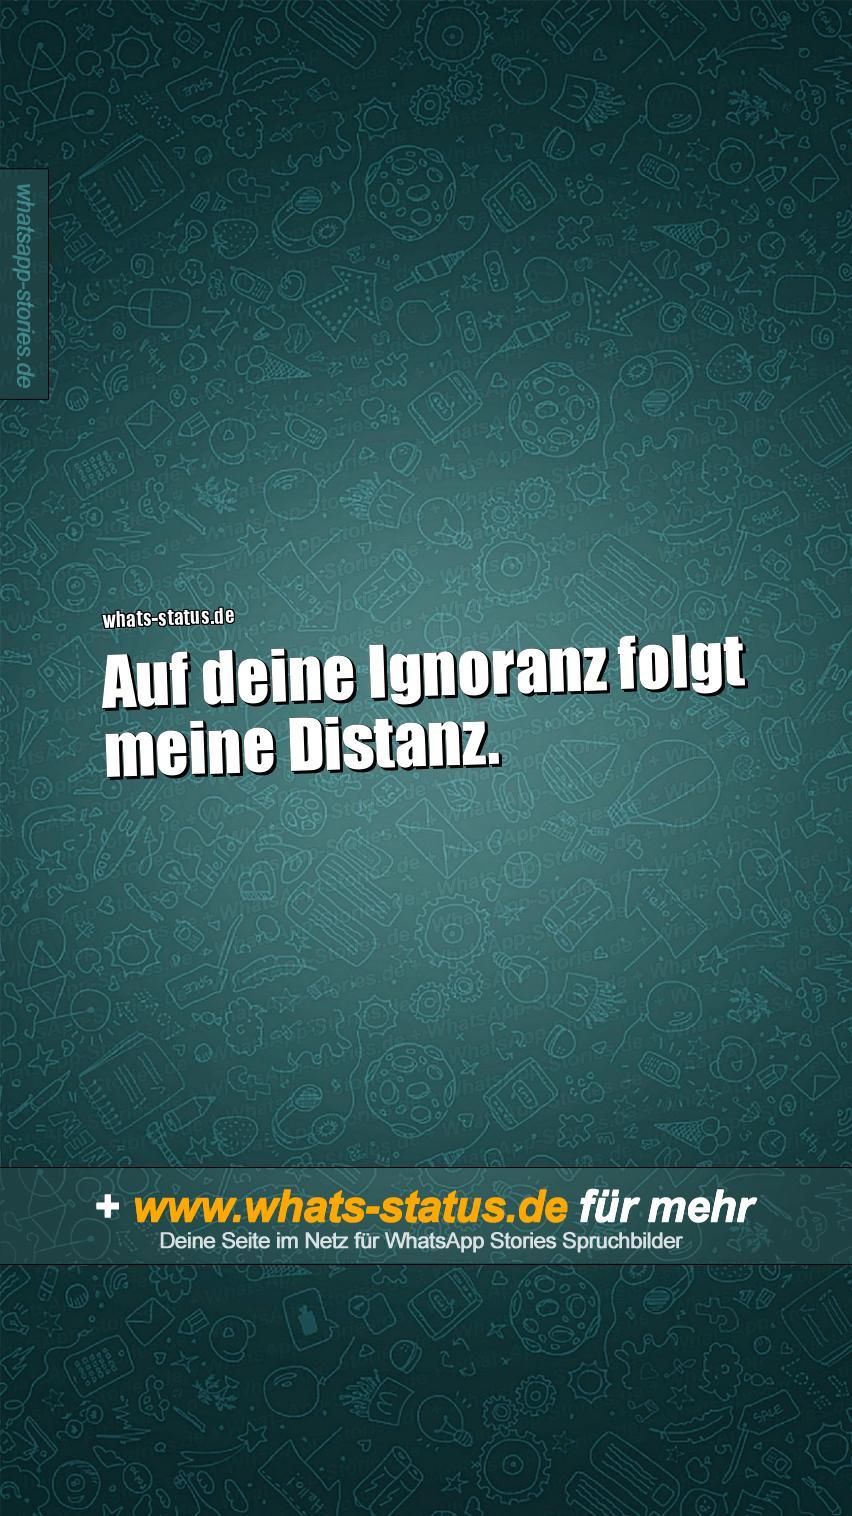 sprüche ignoranz Auf deine Ignoranz folgt meine Distanz. | WhatsApp Sprüche zum  sprüche ignoranz